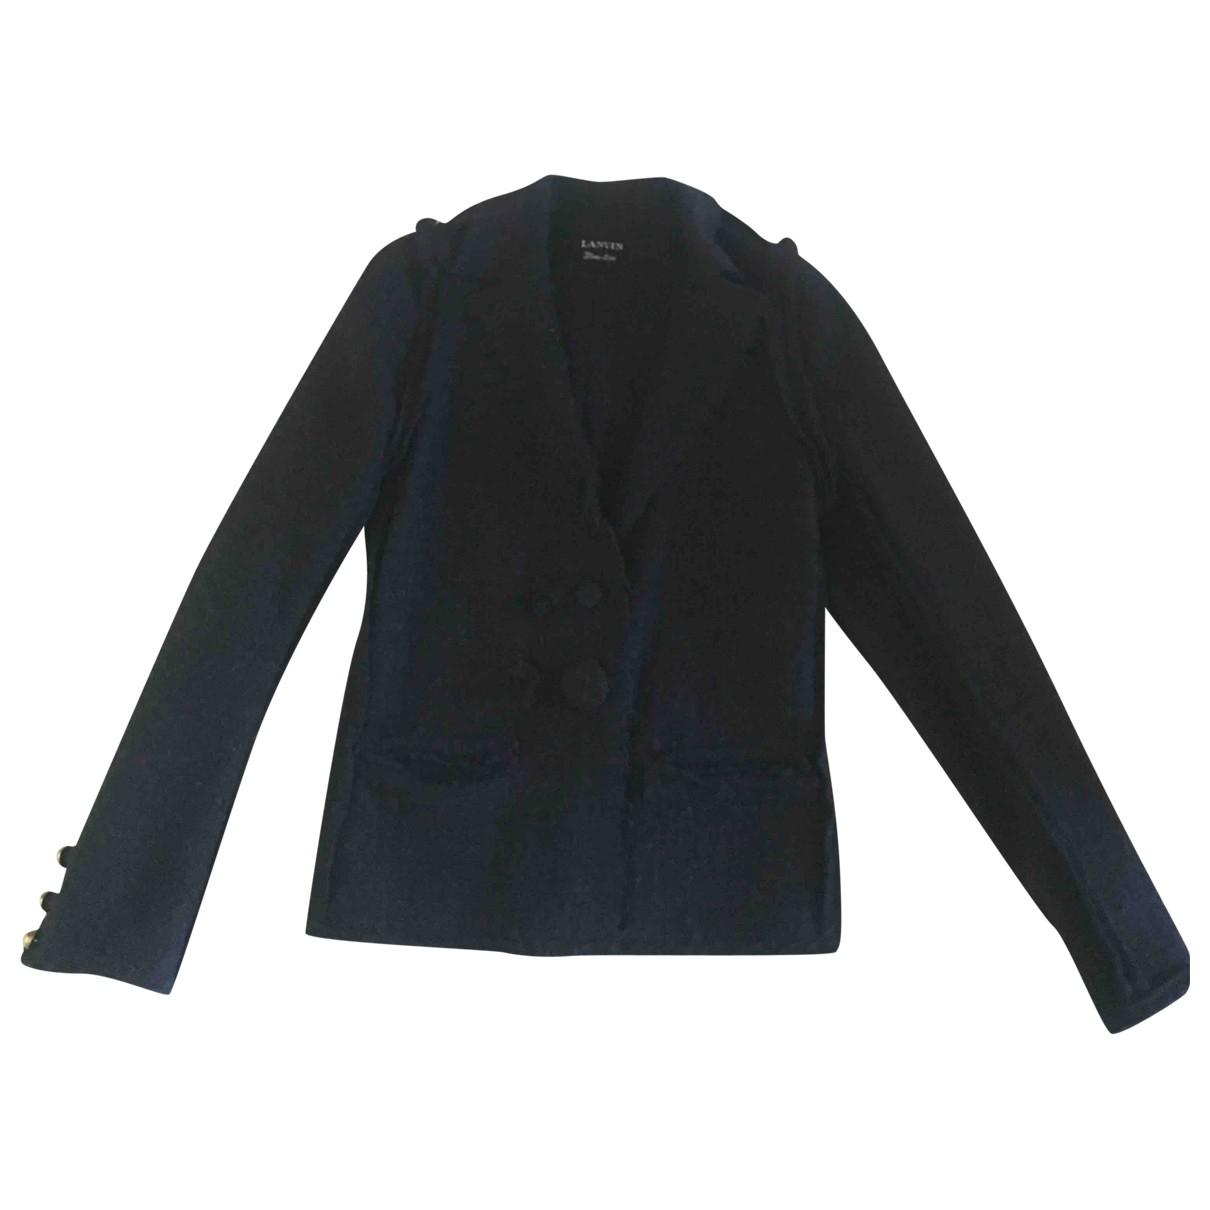 Lanvin - Veste   pour femme en tweed - noir